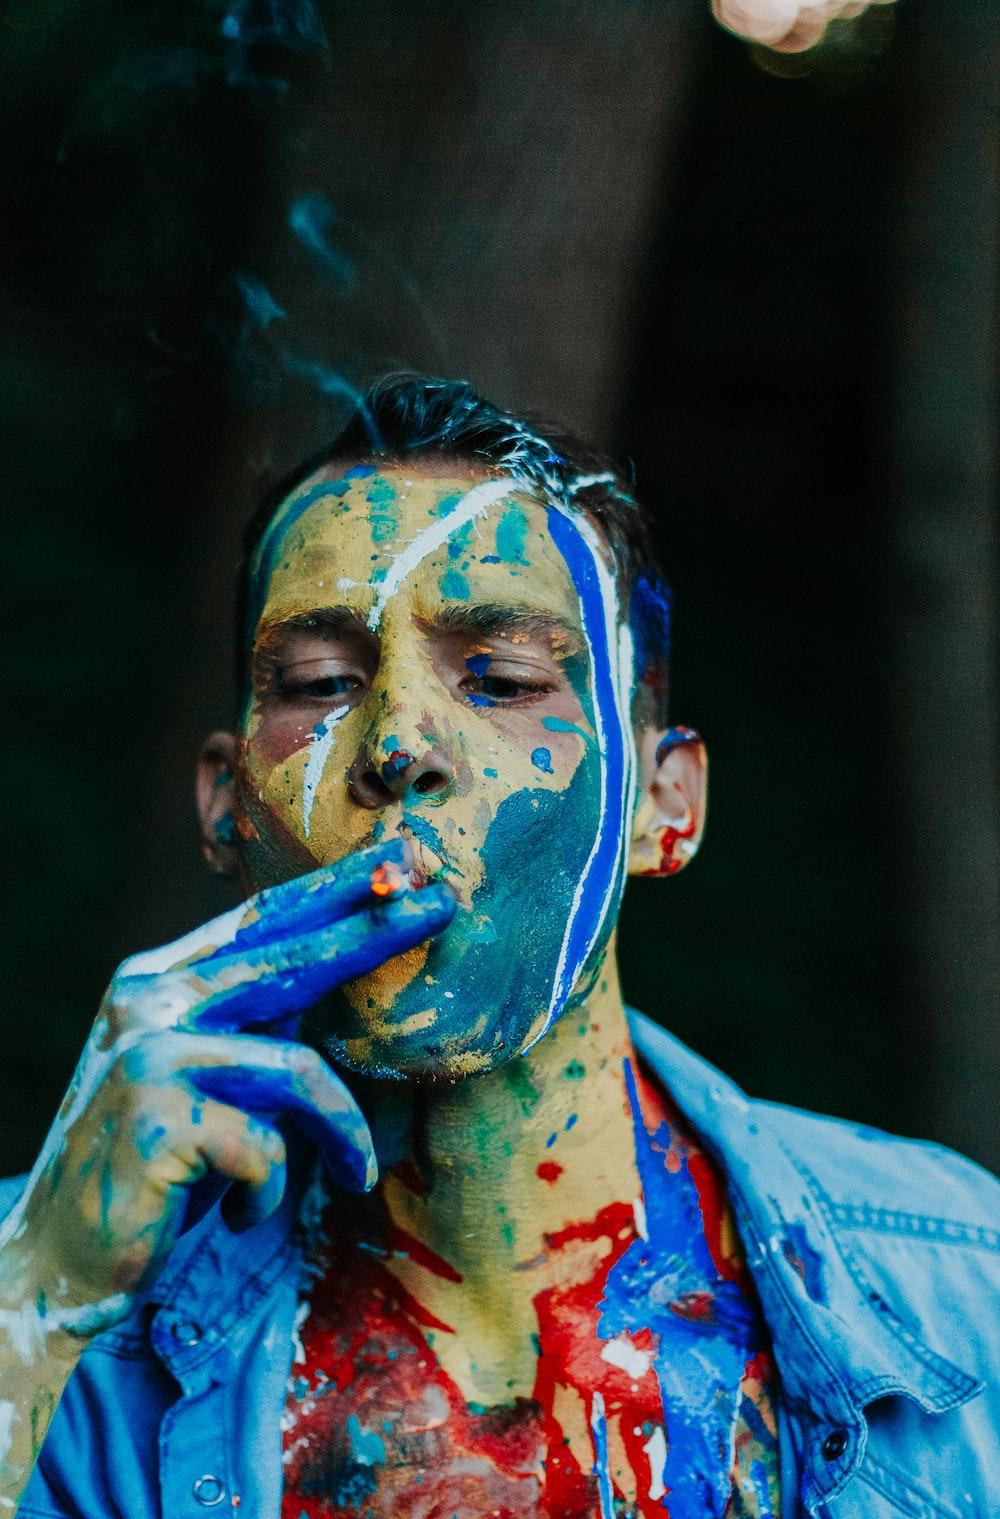 man wearing blue shirt while smoking